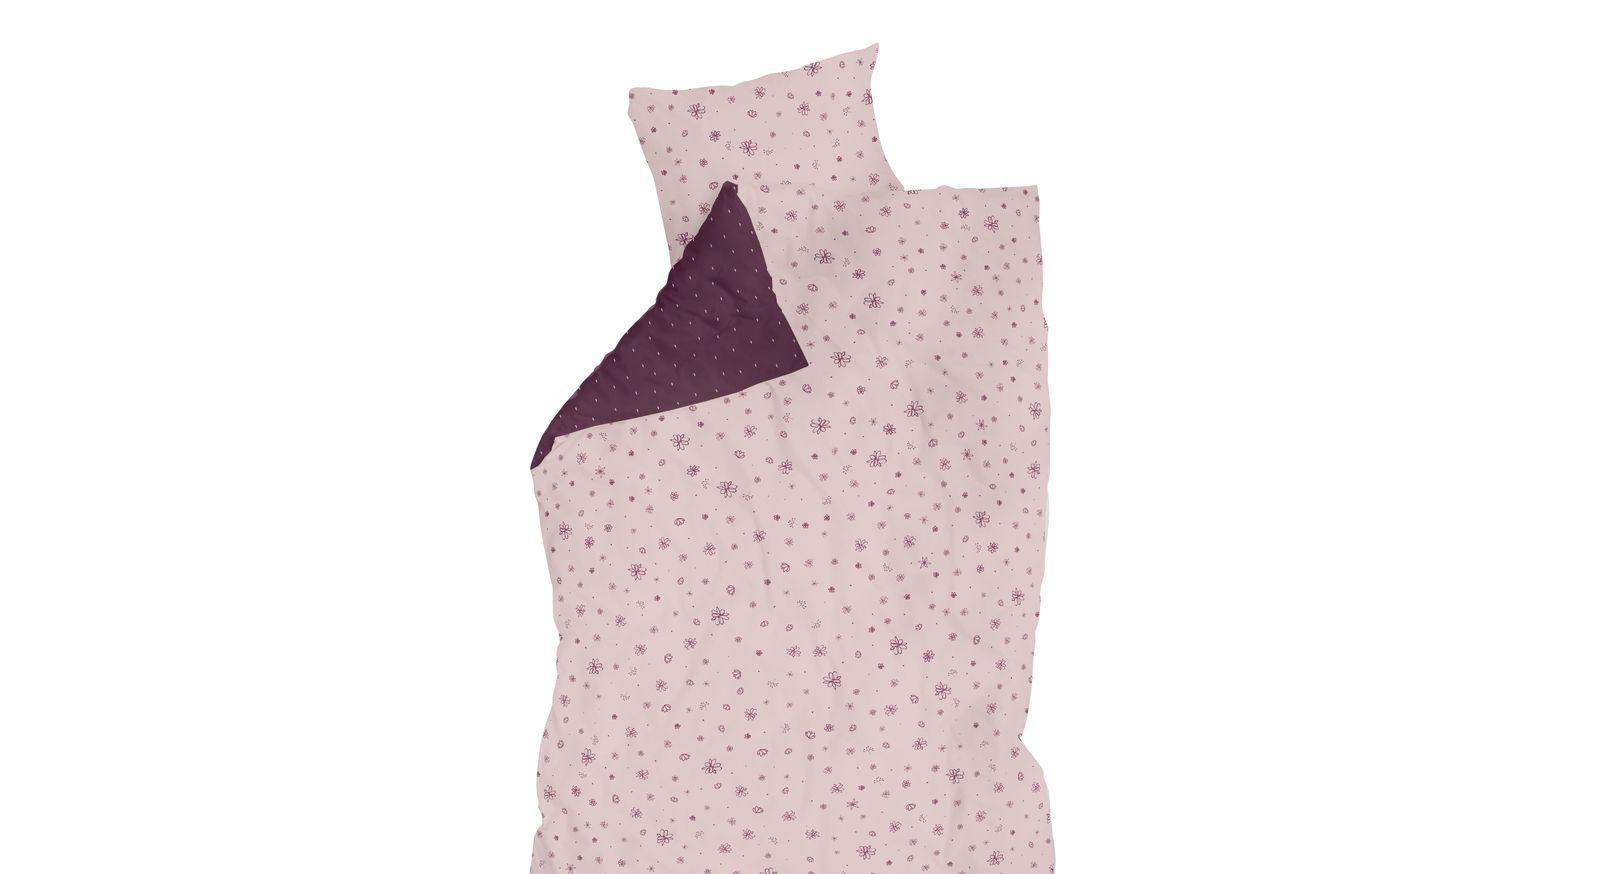 LIFETIME Bettwäsche Blümchen in Rosa und Lila